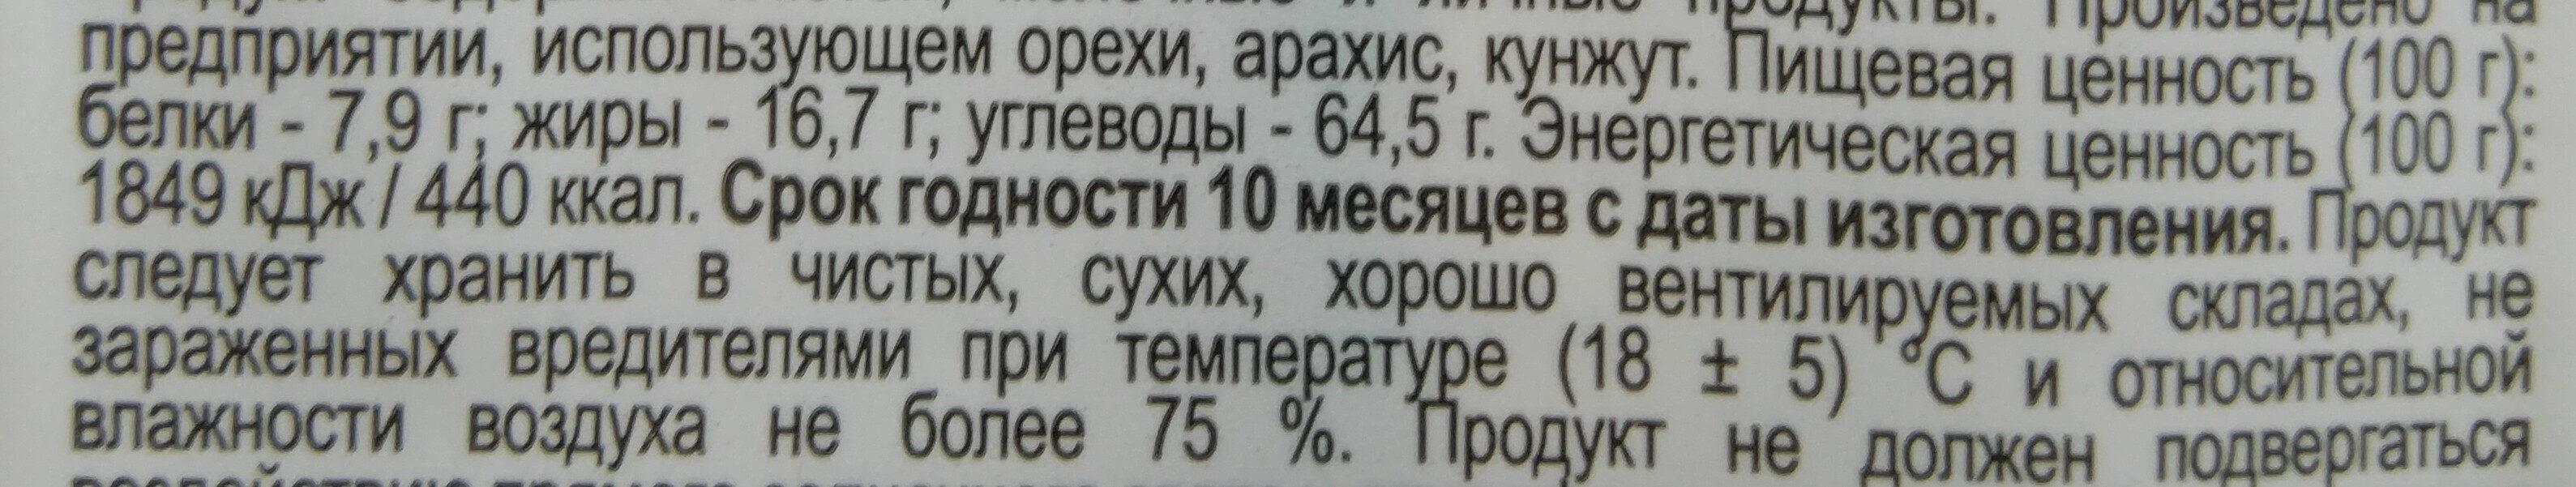 Печенье сахарное «Творожное» - Voedingswaarden - ru